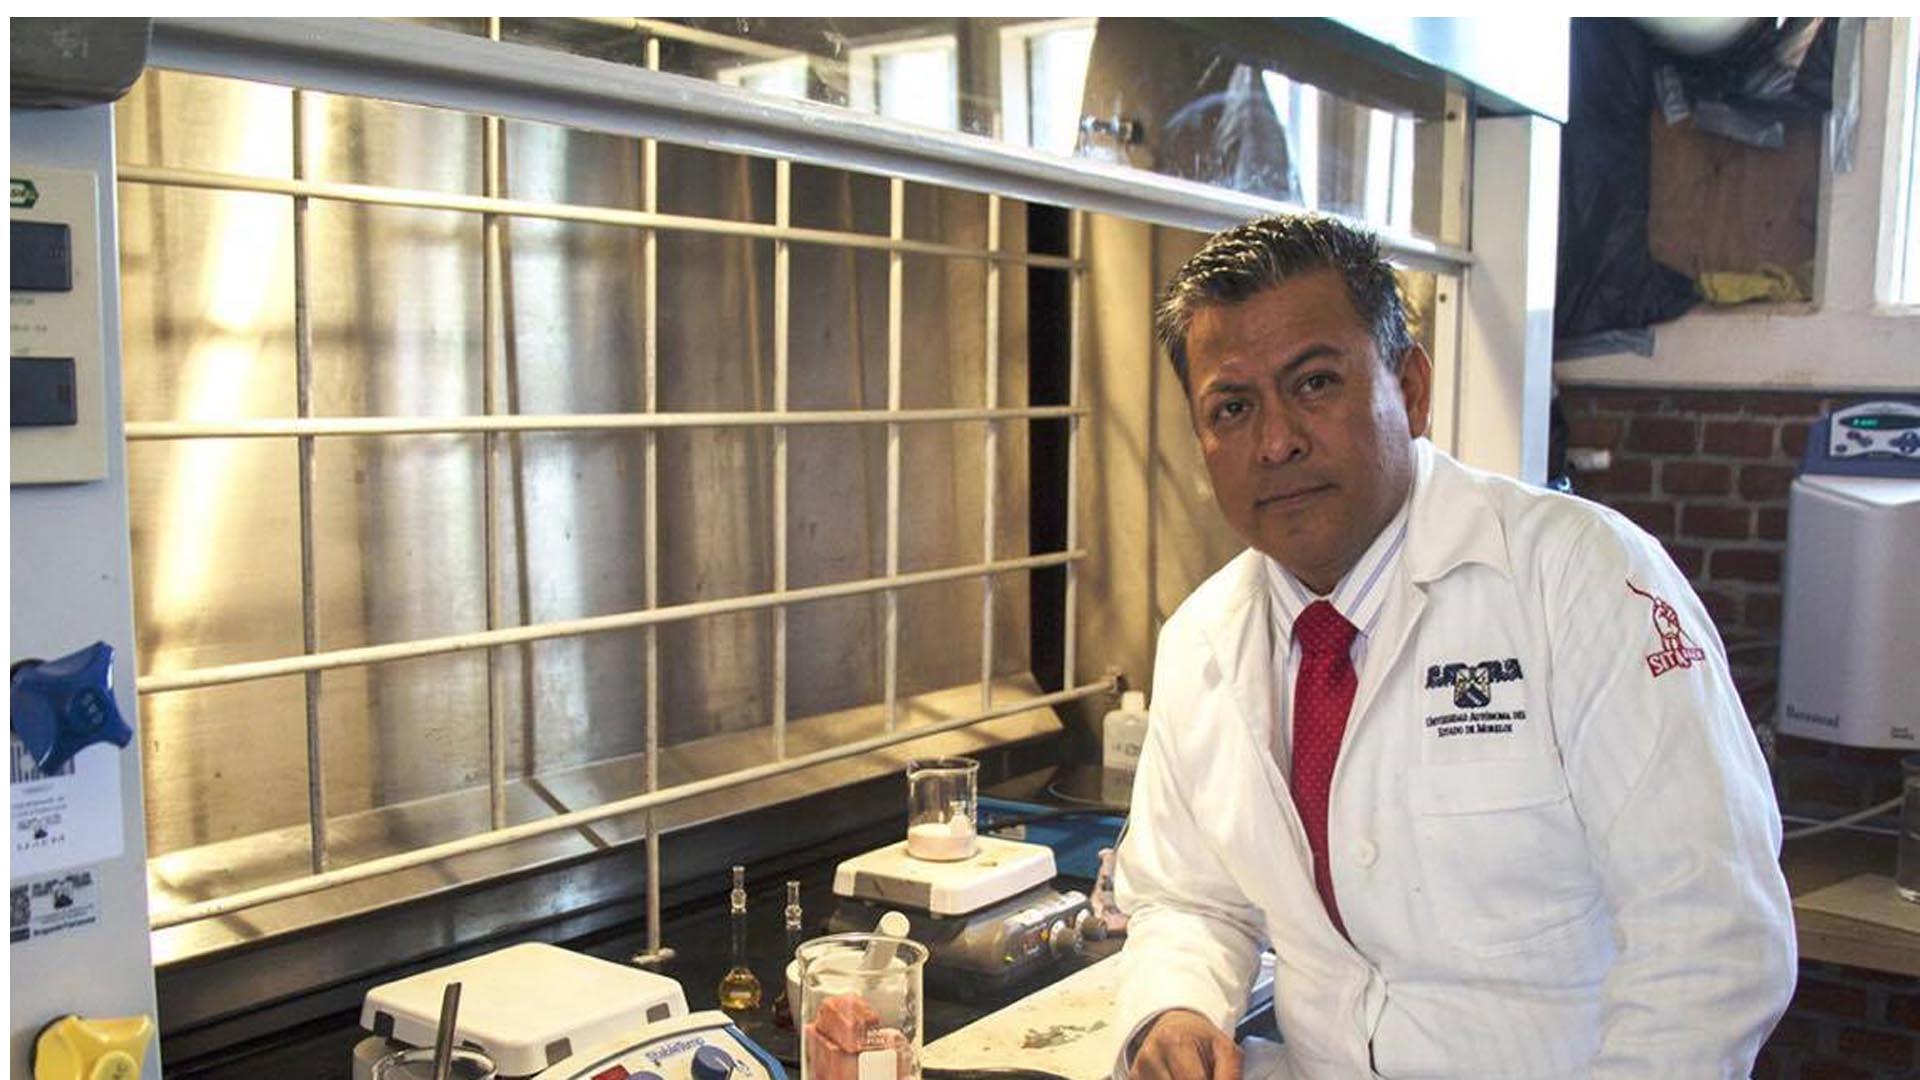 El director de la investigación Robles Casolco explico que el proceso es drenar los líquidos del bebe mientras se encuentra en proceso de gestación